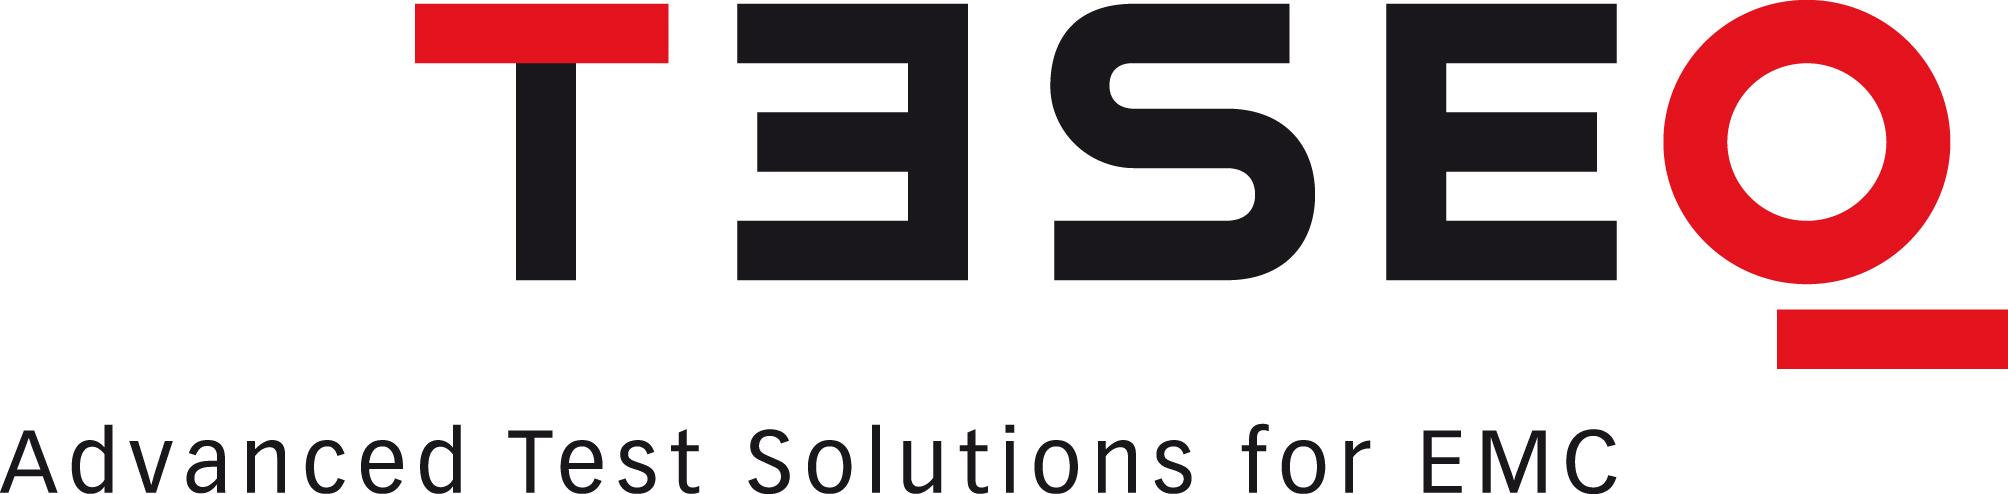 Teseq_Logos